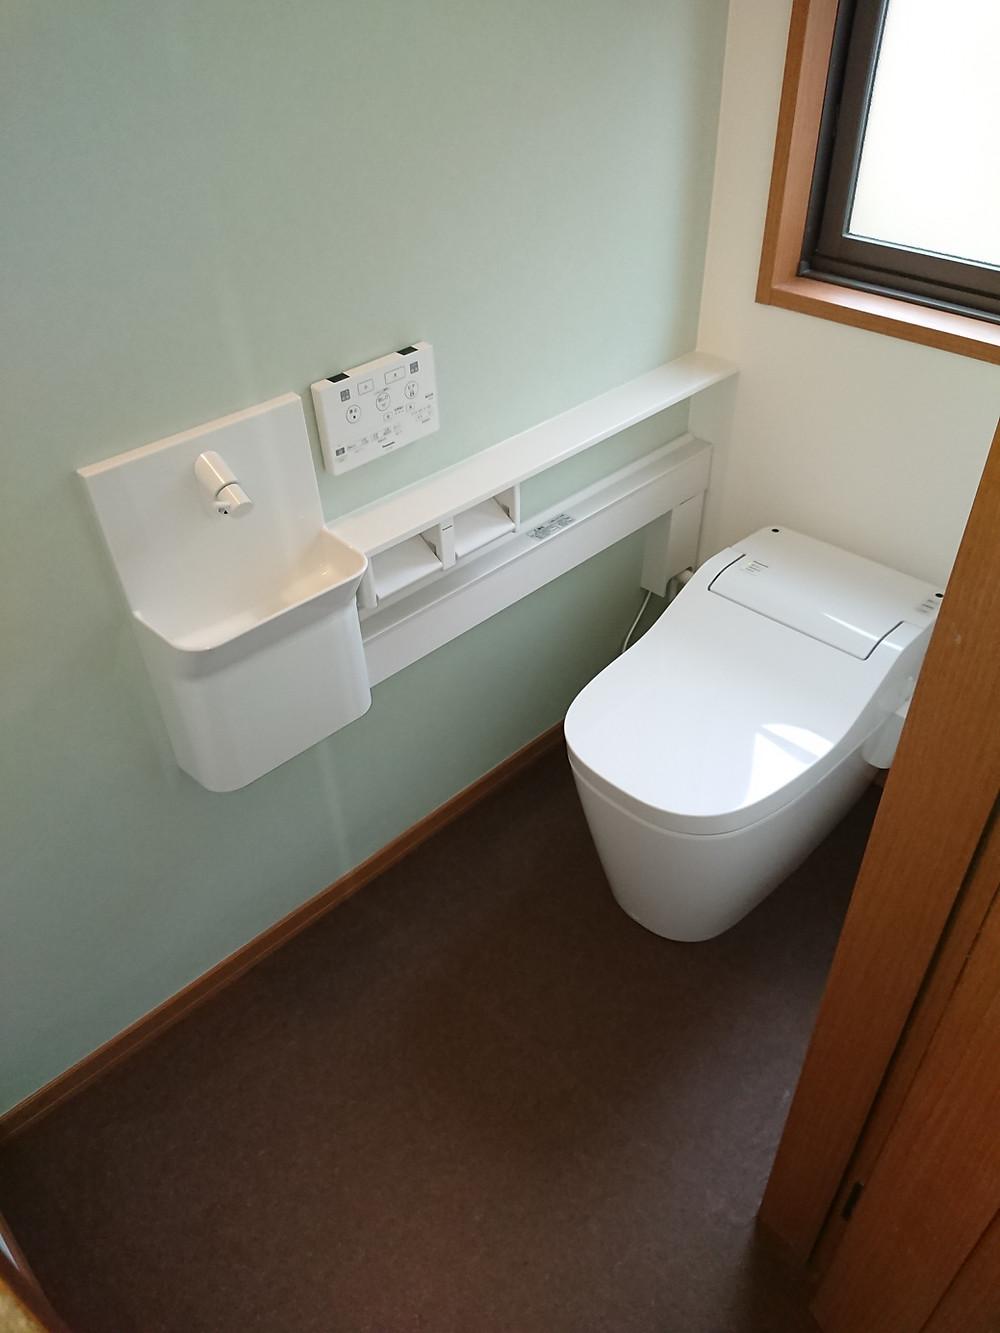 豊中市 H邸 トイレリフォーム 施工後 Panasonic アラウーノS2 専用手洗い カウンター